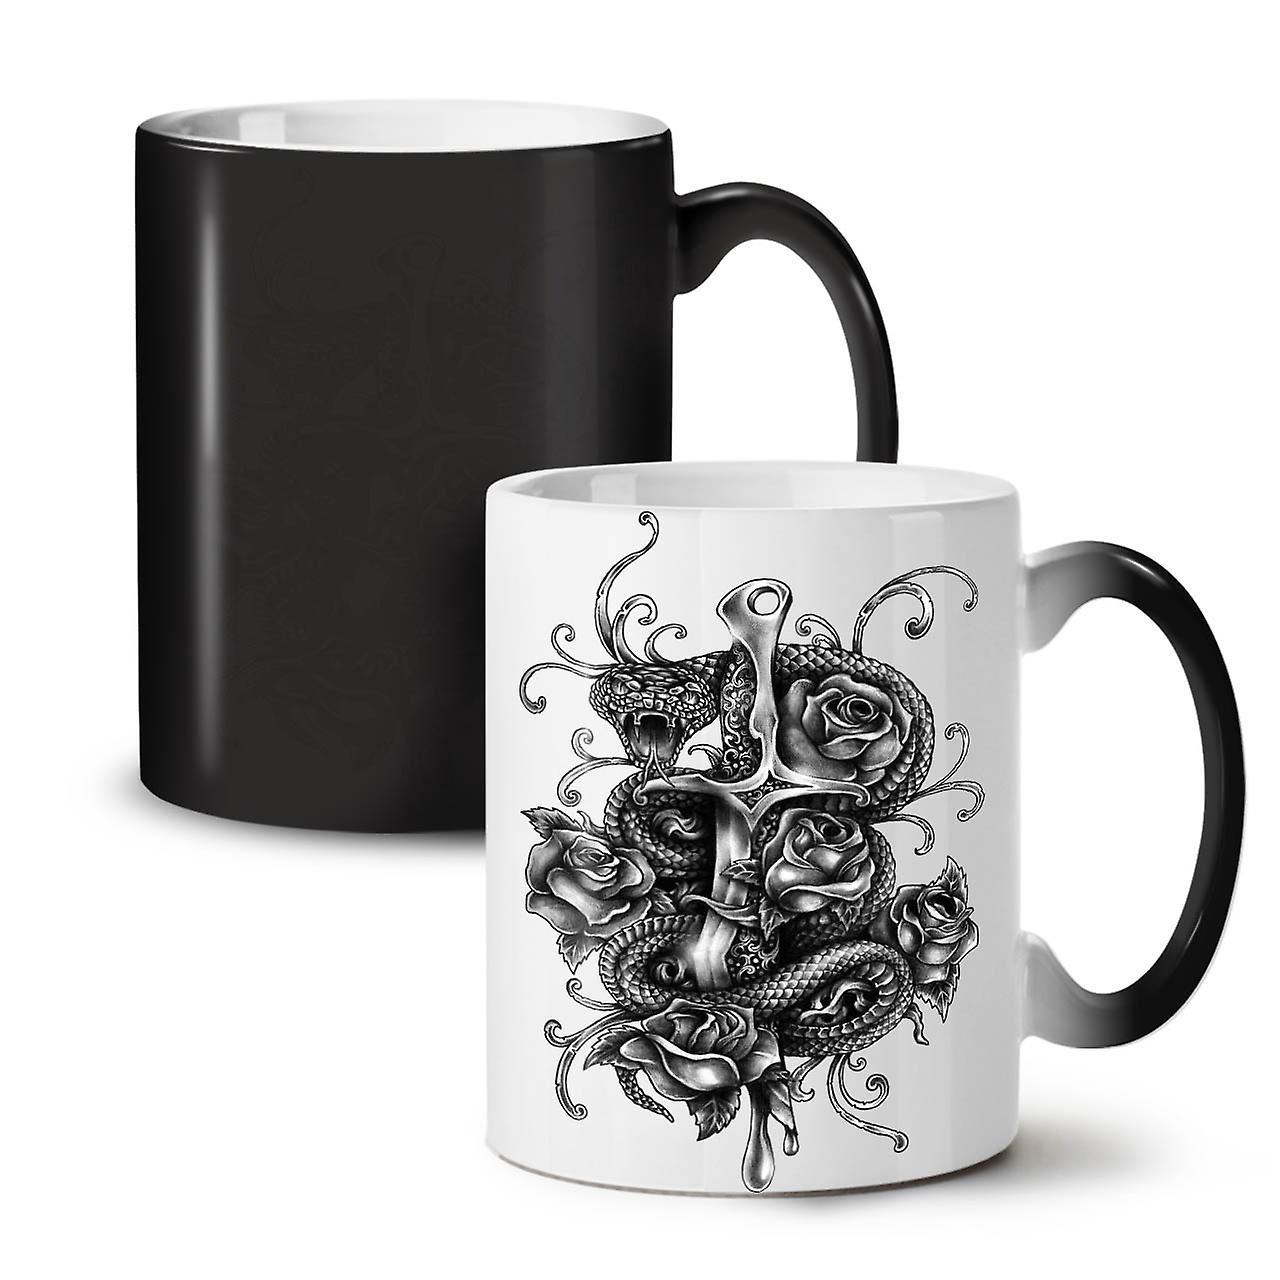 Tasse Avec 11 OzWellcoda Serpent Céramique Noir Café Couleur Changeant Thé Poignard Nouvelle 4Rq35AjL